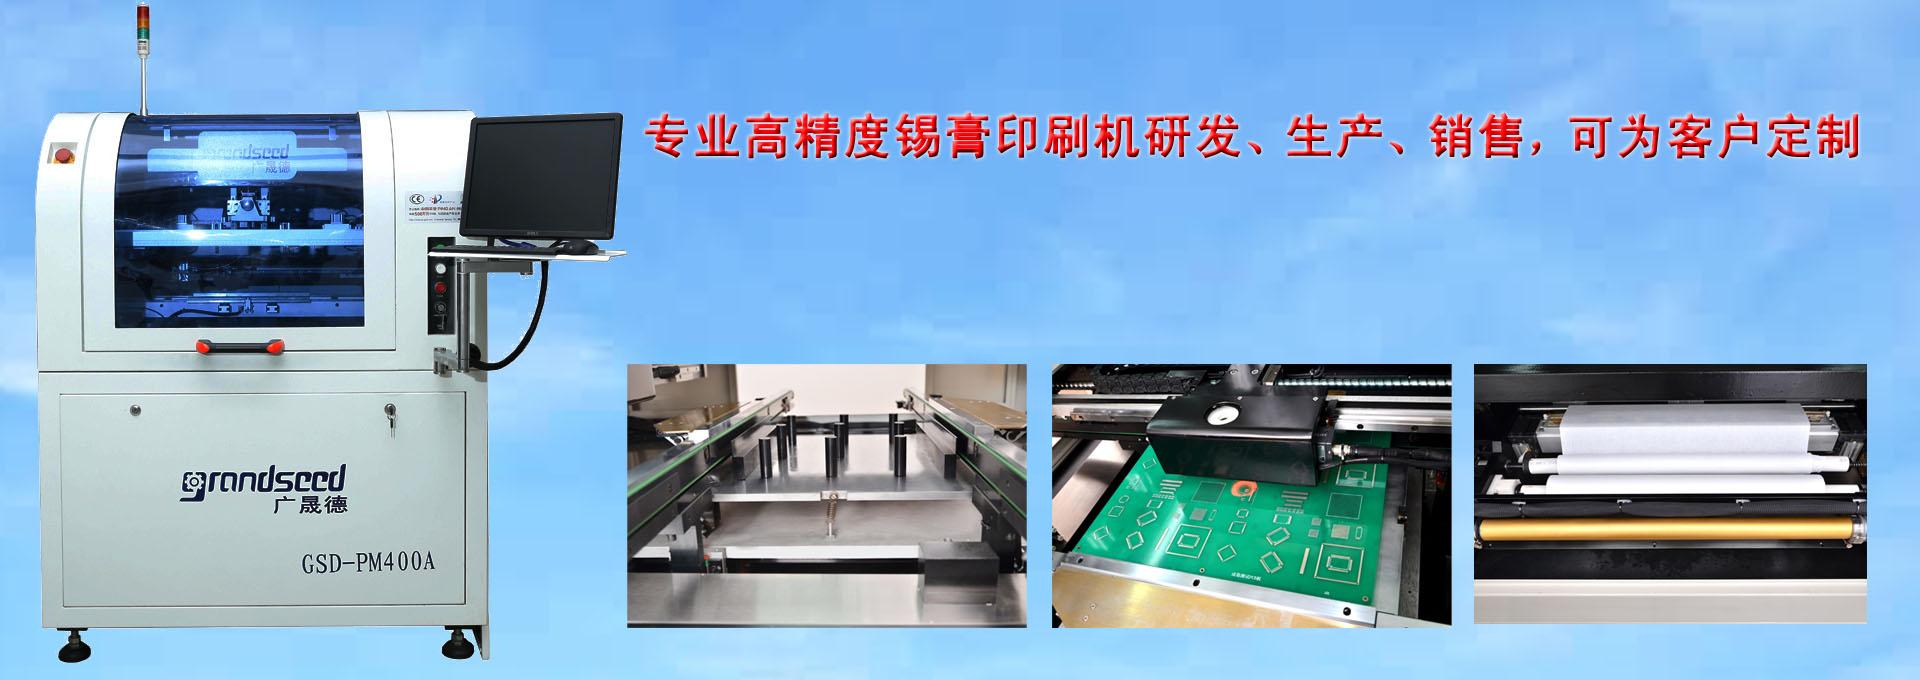 廣晟德錫膏印刷機優勢